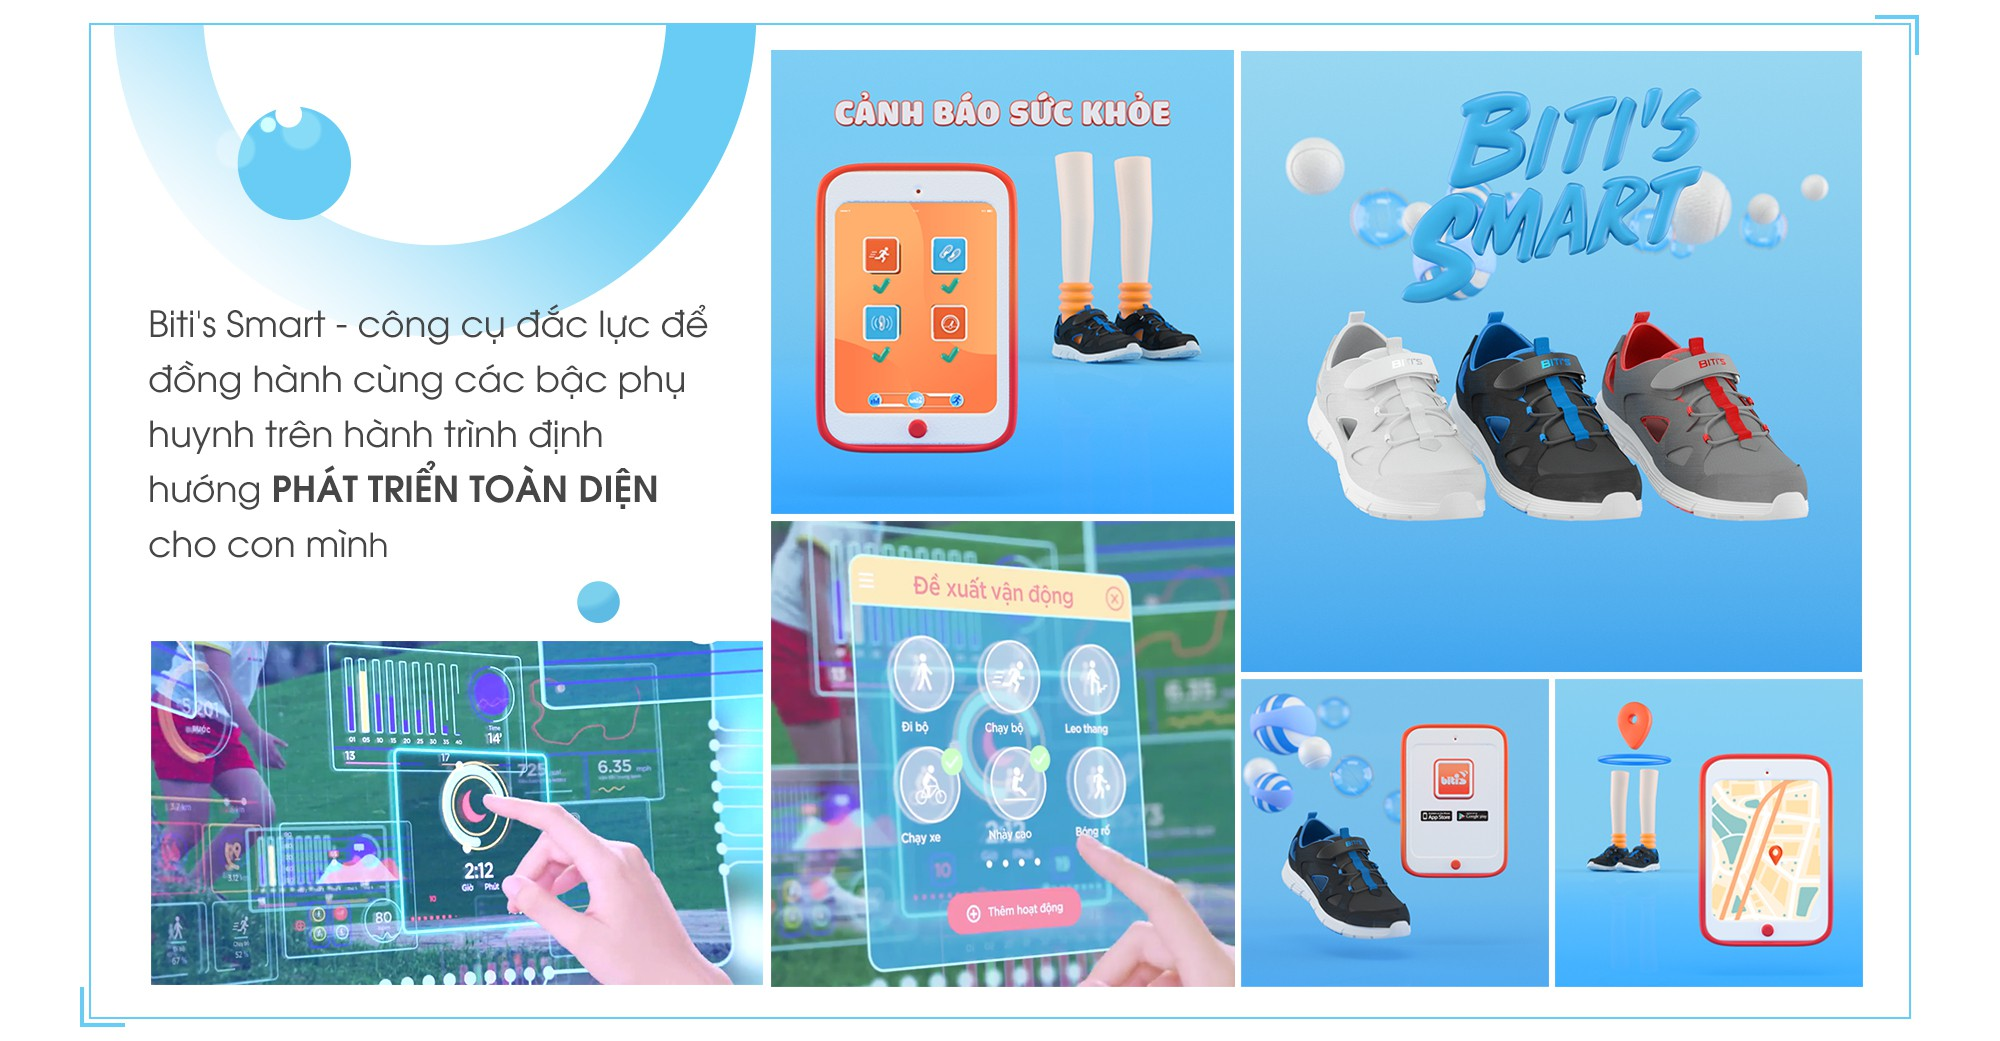 """Kỷ nguyên mới của """"Nâng niu bàn chân Việt"""" - Giấc mơ lớn về một thế hệ trẻ em Việt Nam năng động hơn, thông minh hơn từ Bitis - Ảnh 11."""